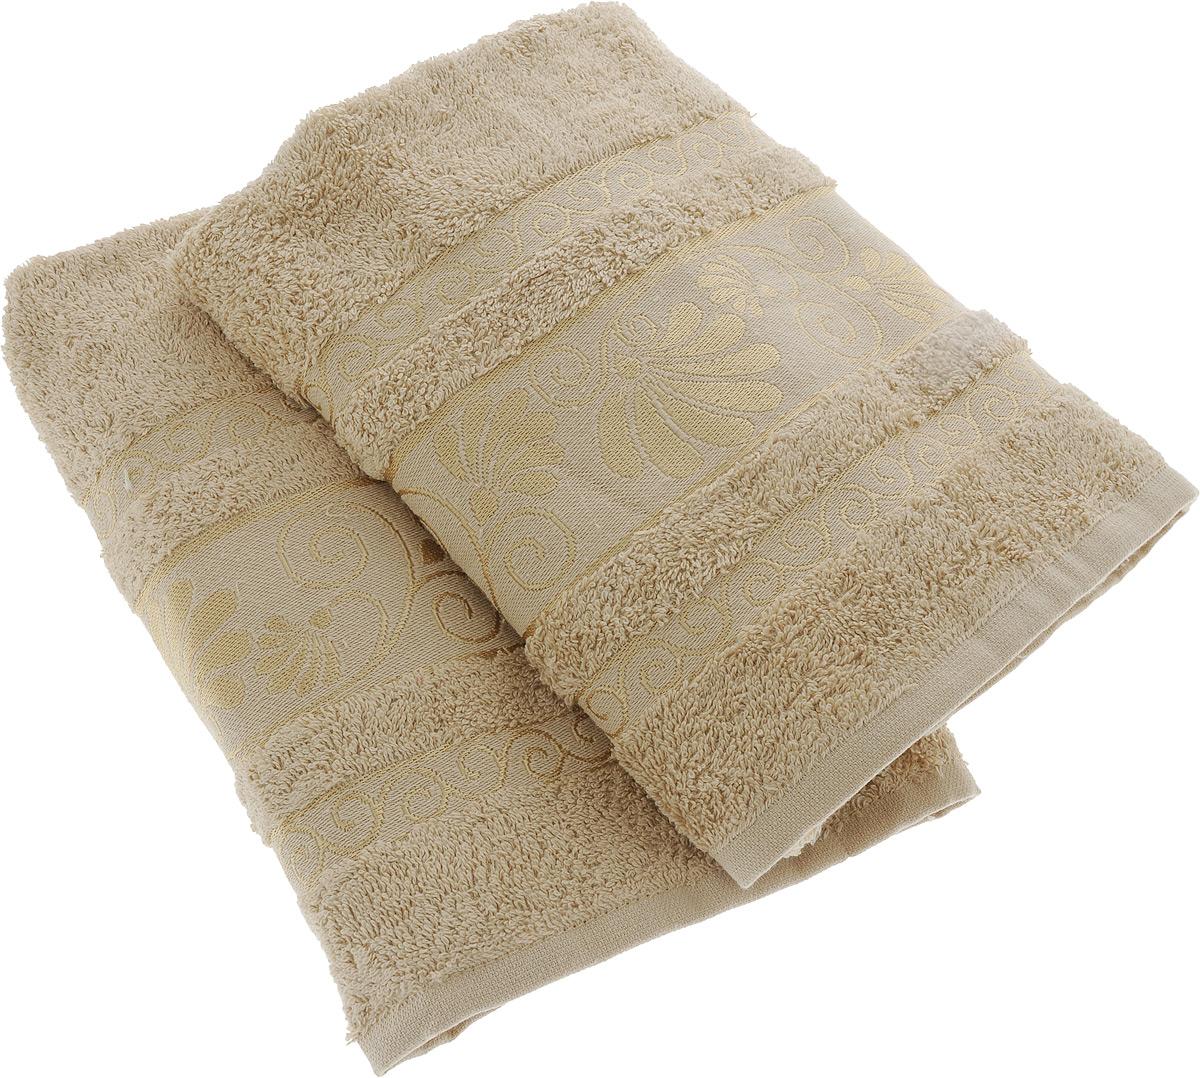 Набор махровых полотенец Aisha Home Textile Цветы, цвет: бежевый, 50 х 90 см, 2 штУНП-115-02-2кНабор Aisha Home Textile Цветы состоит из двух махровых полотенец, выполненных из 100% хлопка. Изделия отличаются мягкостью и гигроскопичностью, быстро сохнут, при соблюдении рекомендаций по уходу не линяют и не теряют форму даже после многократных стирок. Линейка Цветы создавалась специально для женщин. Полотенца декорированы бордюром с растительным мотивом и выполнены в нежнейших тонах. Махровые полотенца Цветы станут прекрасным дополнением дизайна ванной комнаты и подарят мягкость и уют своей хозяйке. Полотенца упакованы в подарочную коробку.